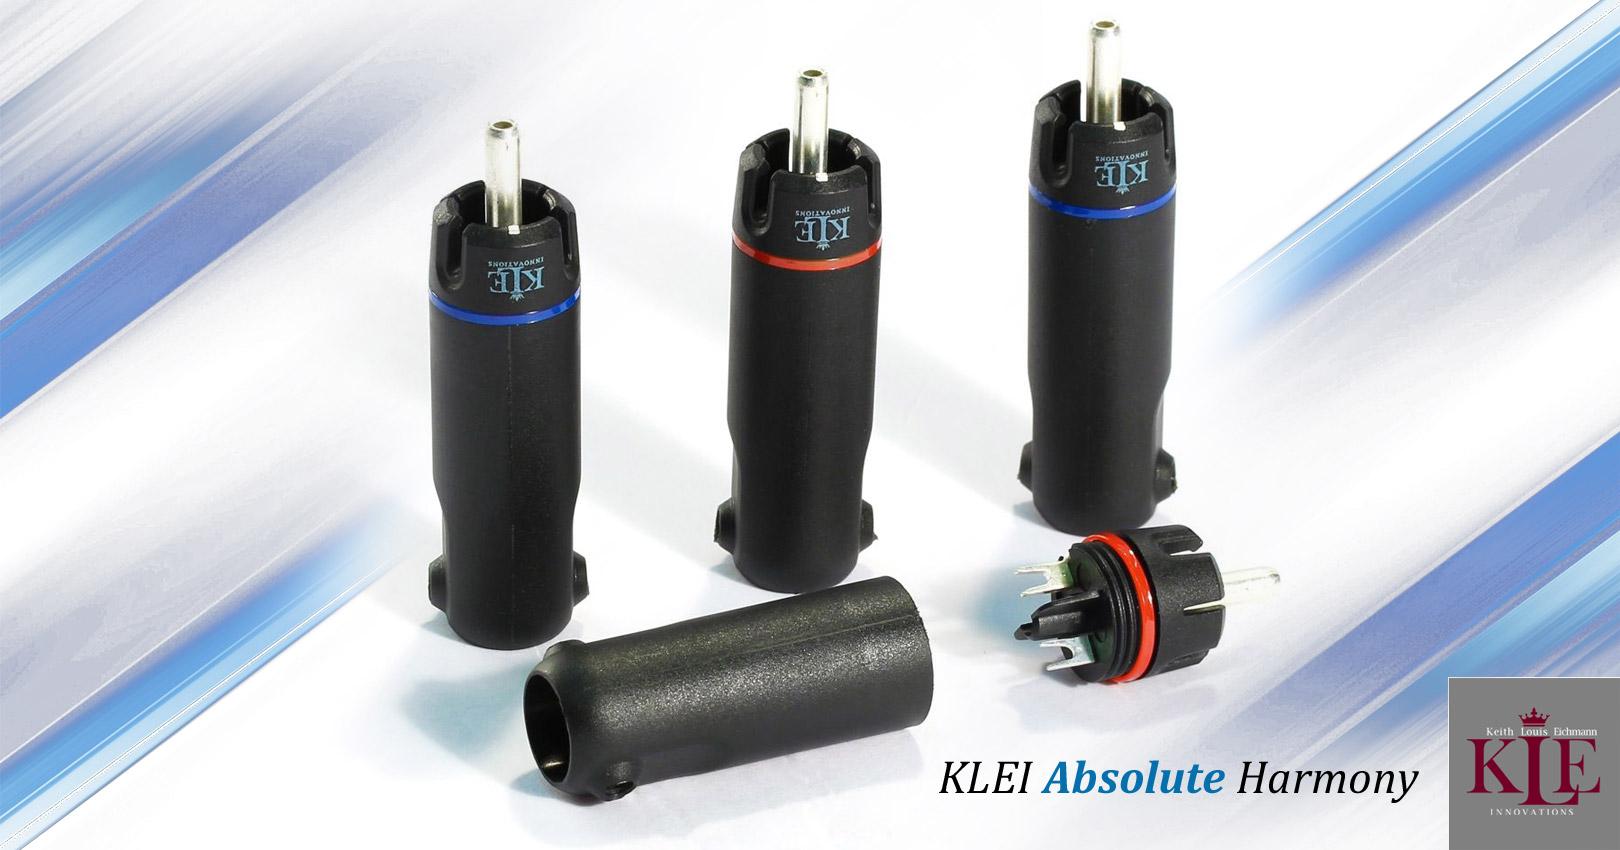 KLEI Absolute Harmony RCA plugs